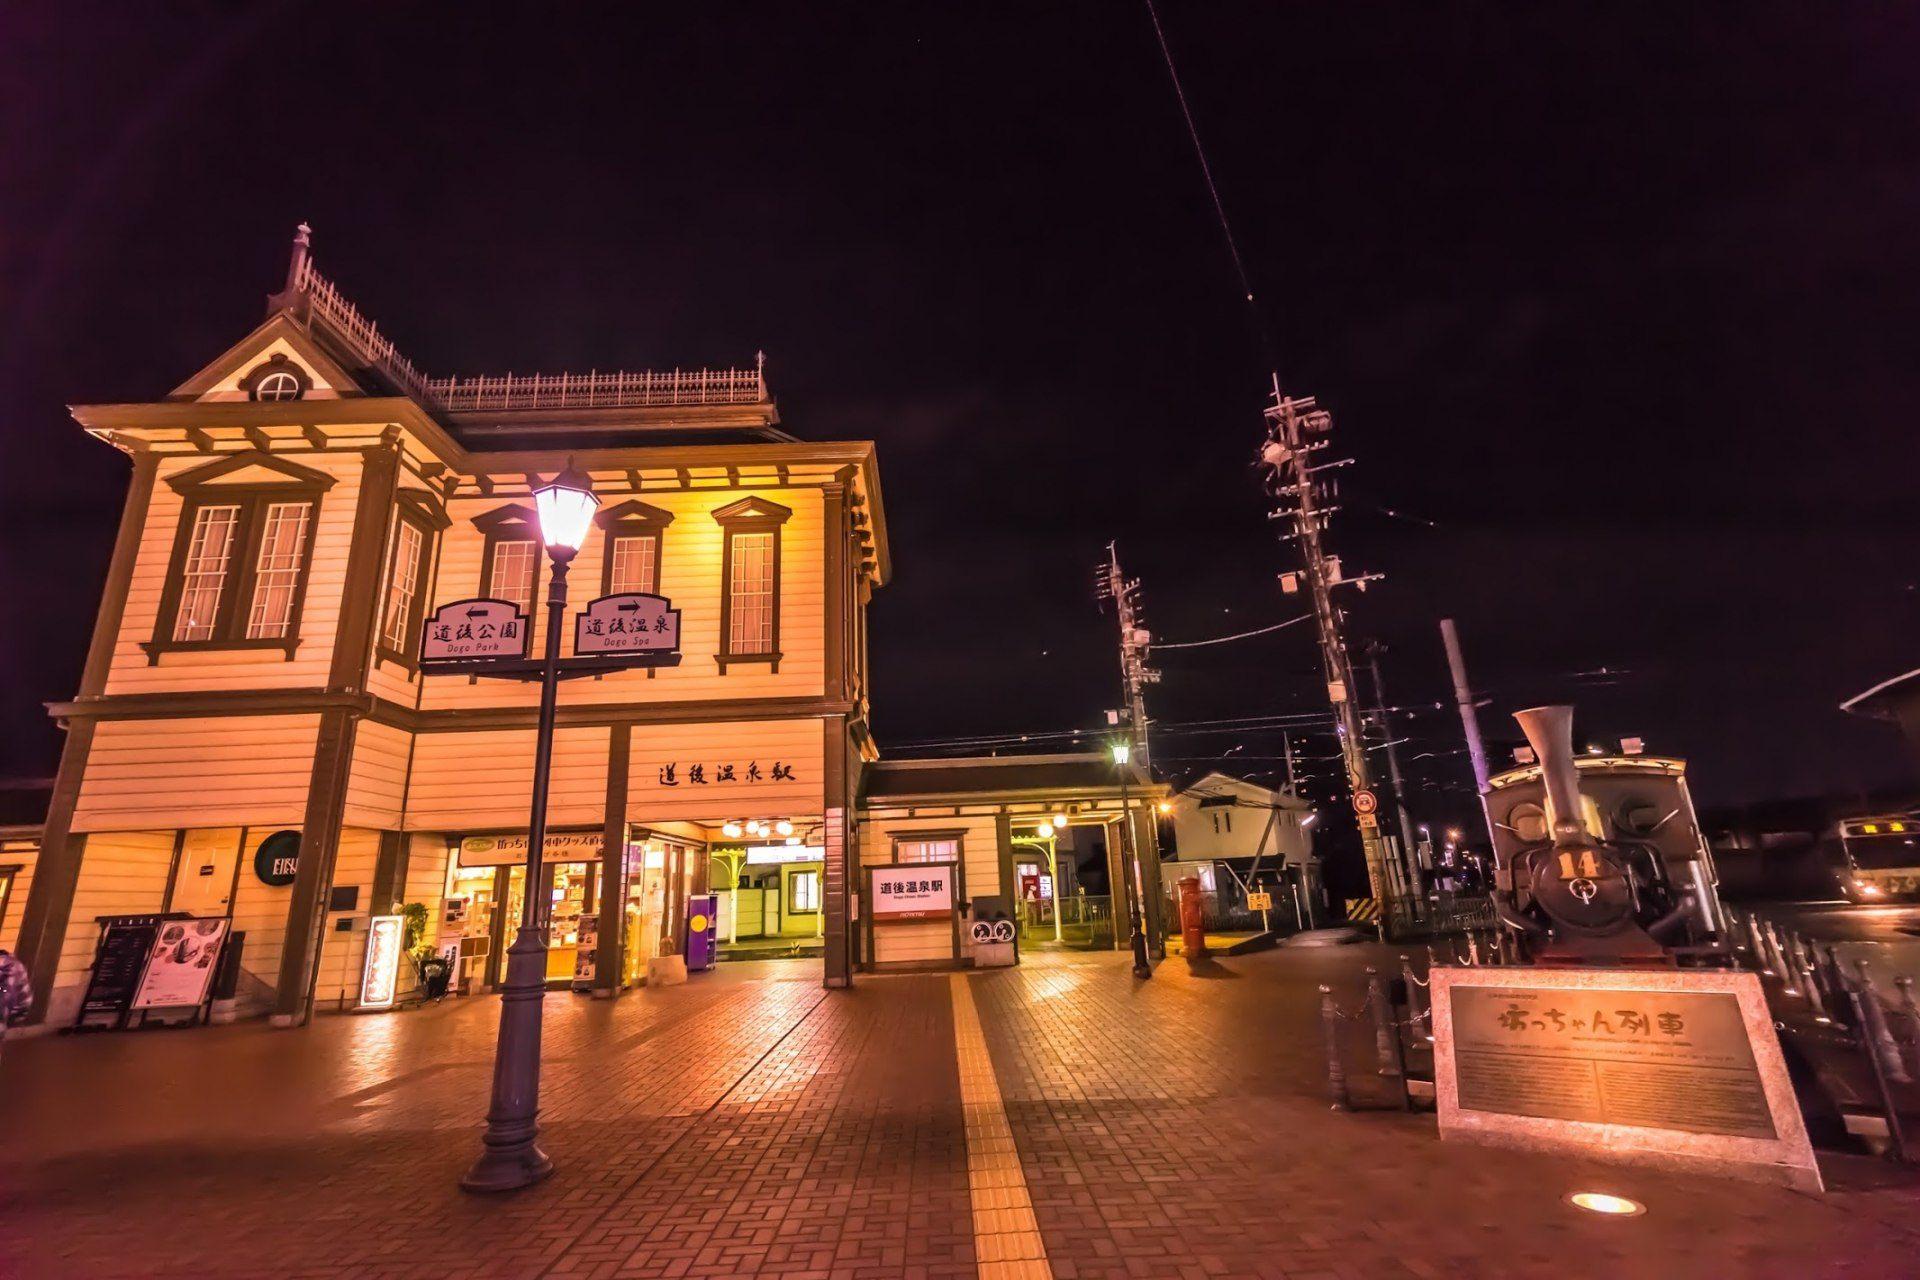 道後溫泉車站周邊的夜色